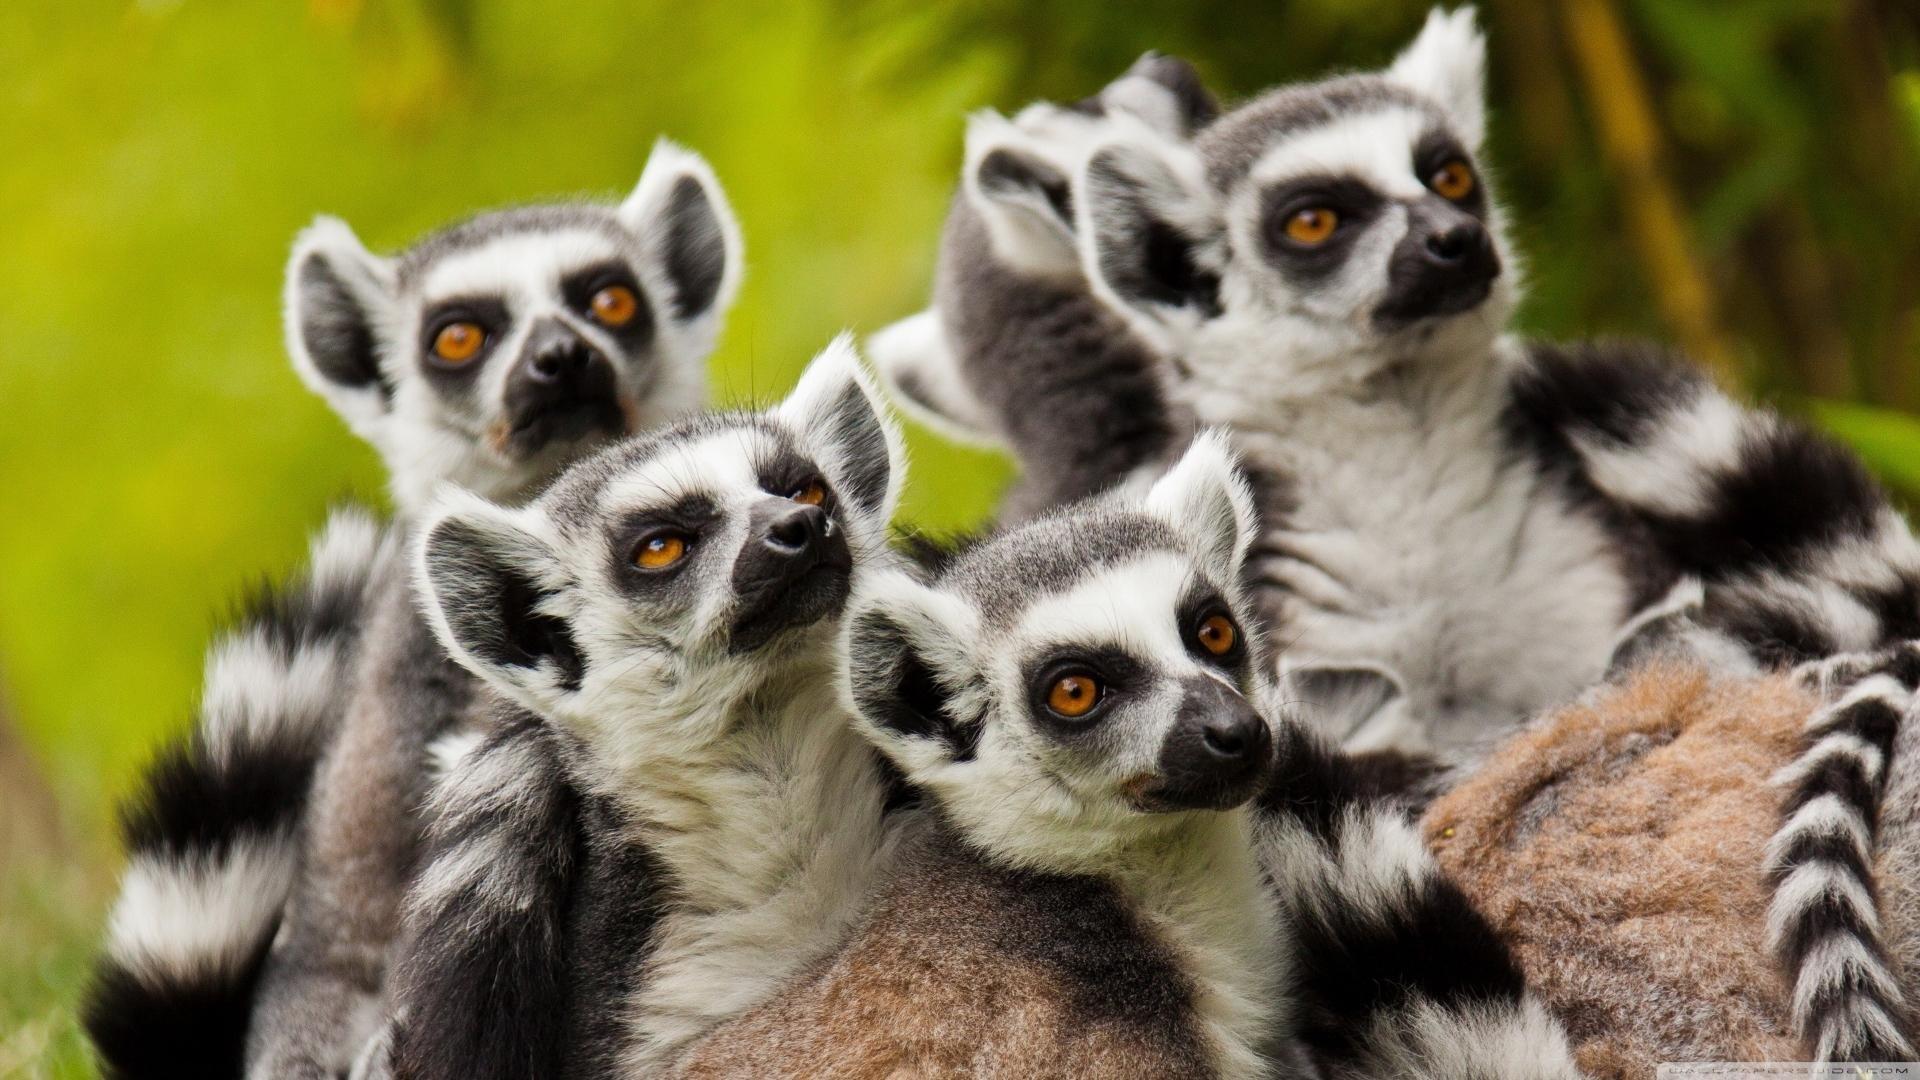 Lemur full screen hd wallpaper